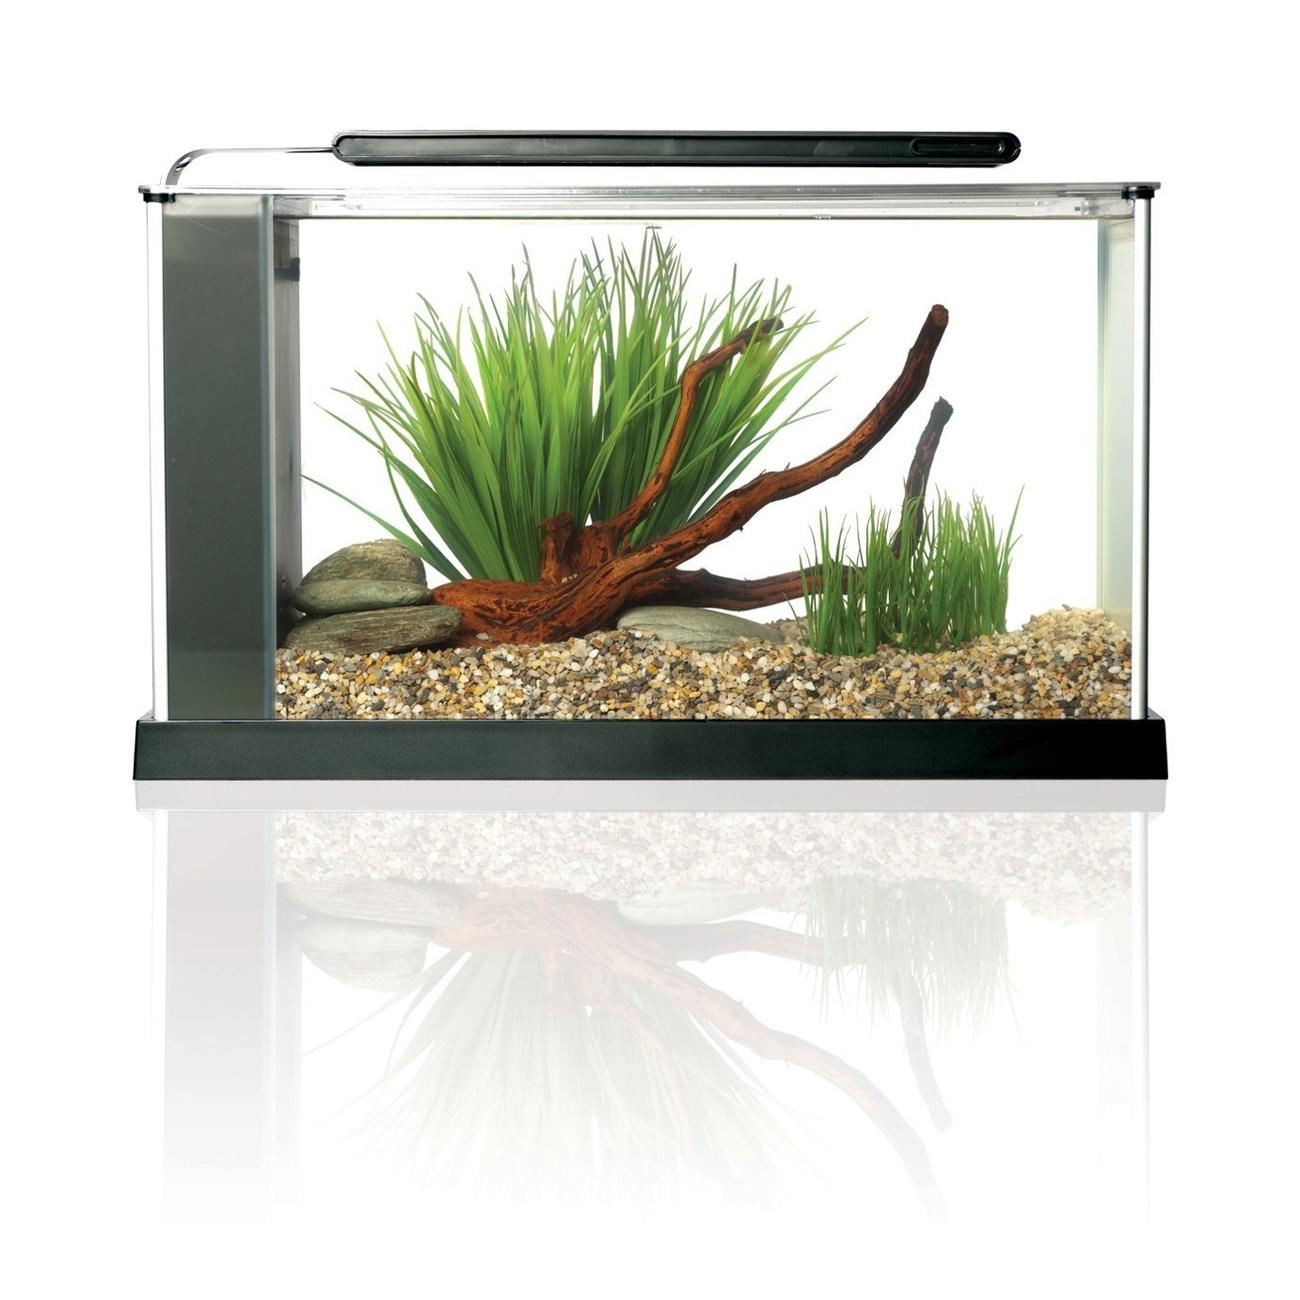 Fluval SPEC Süßwasser Aquarium Set Bild 10